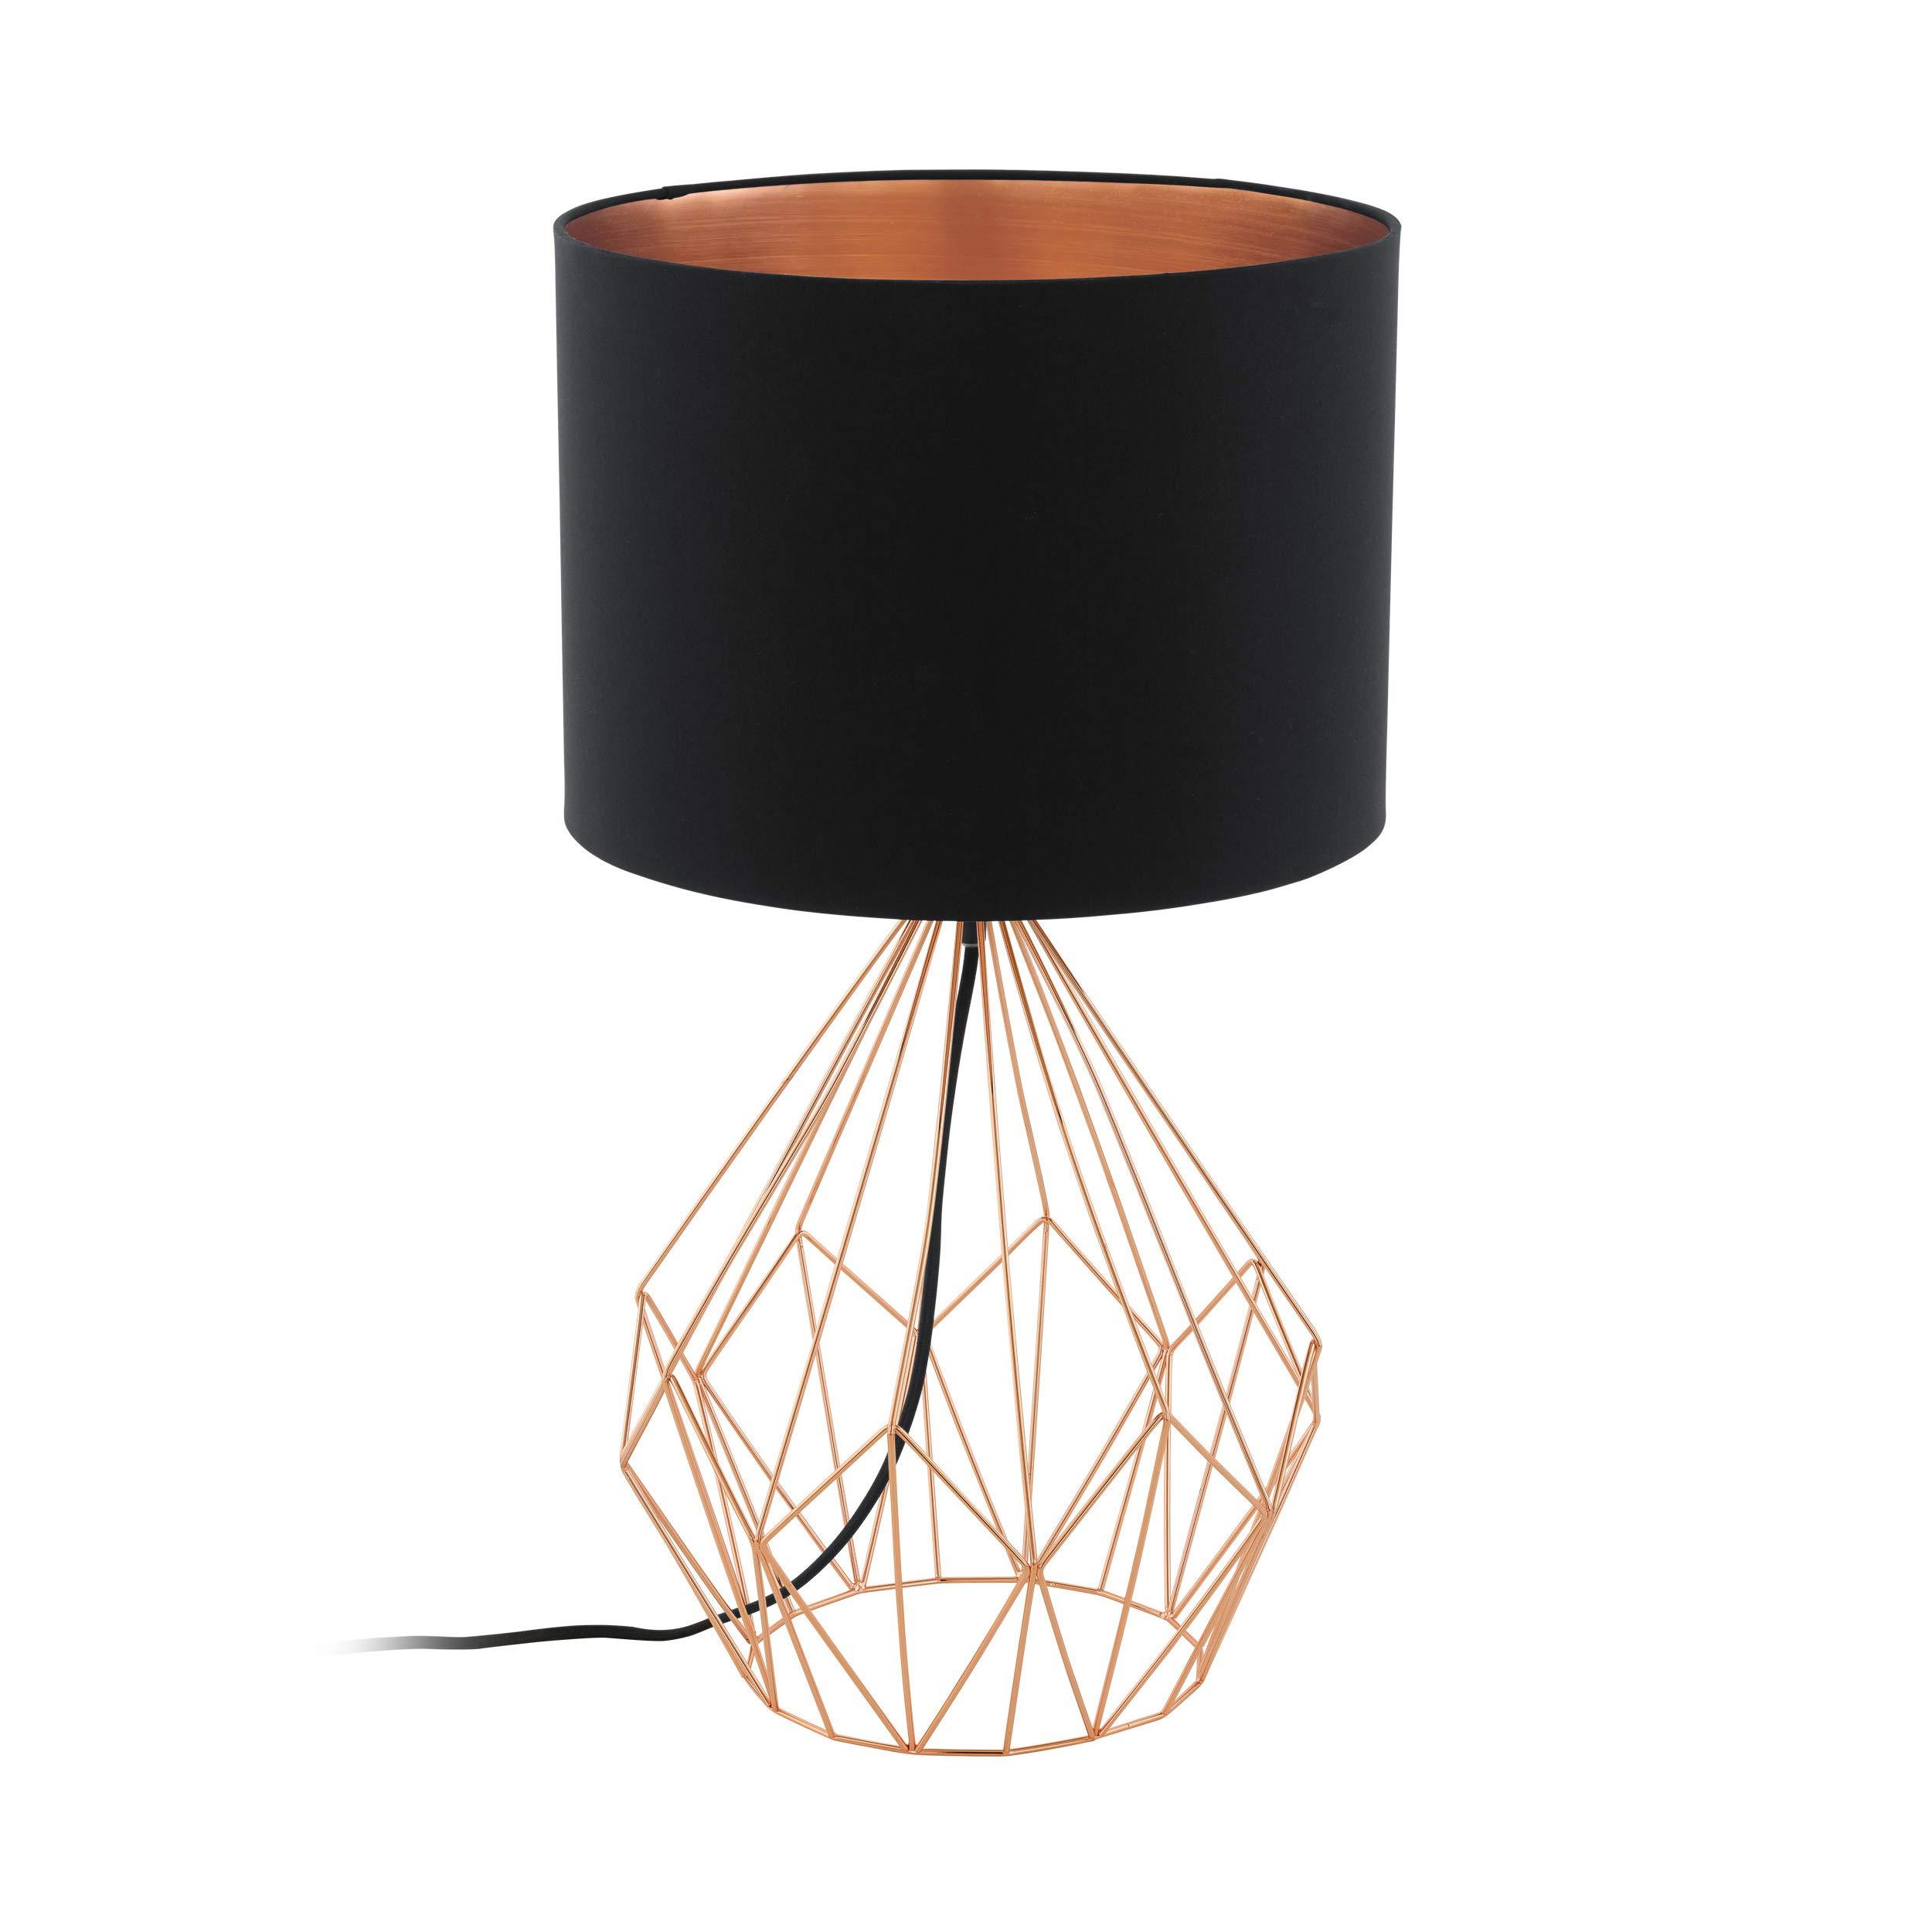 EGLO PEDREGAL 1 lámpara de mesa Negro, Cobre E27 60 W - Lámparas ...